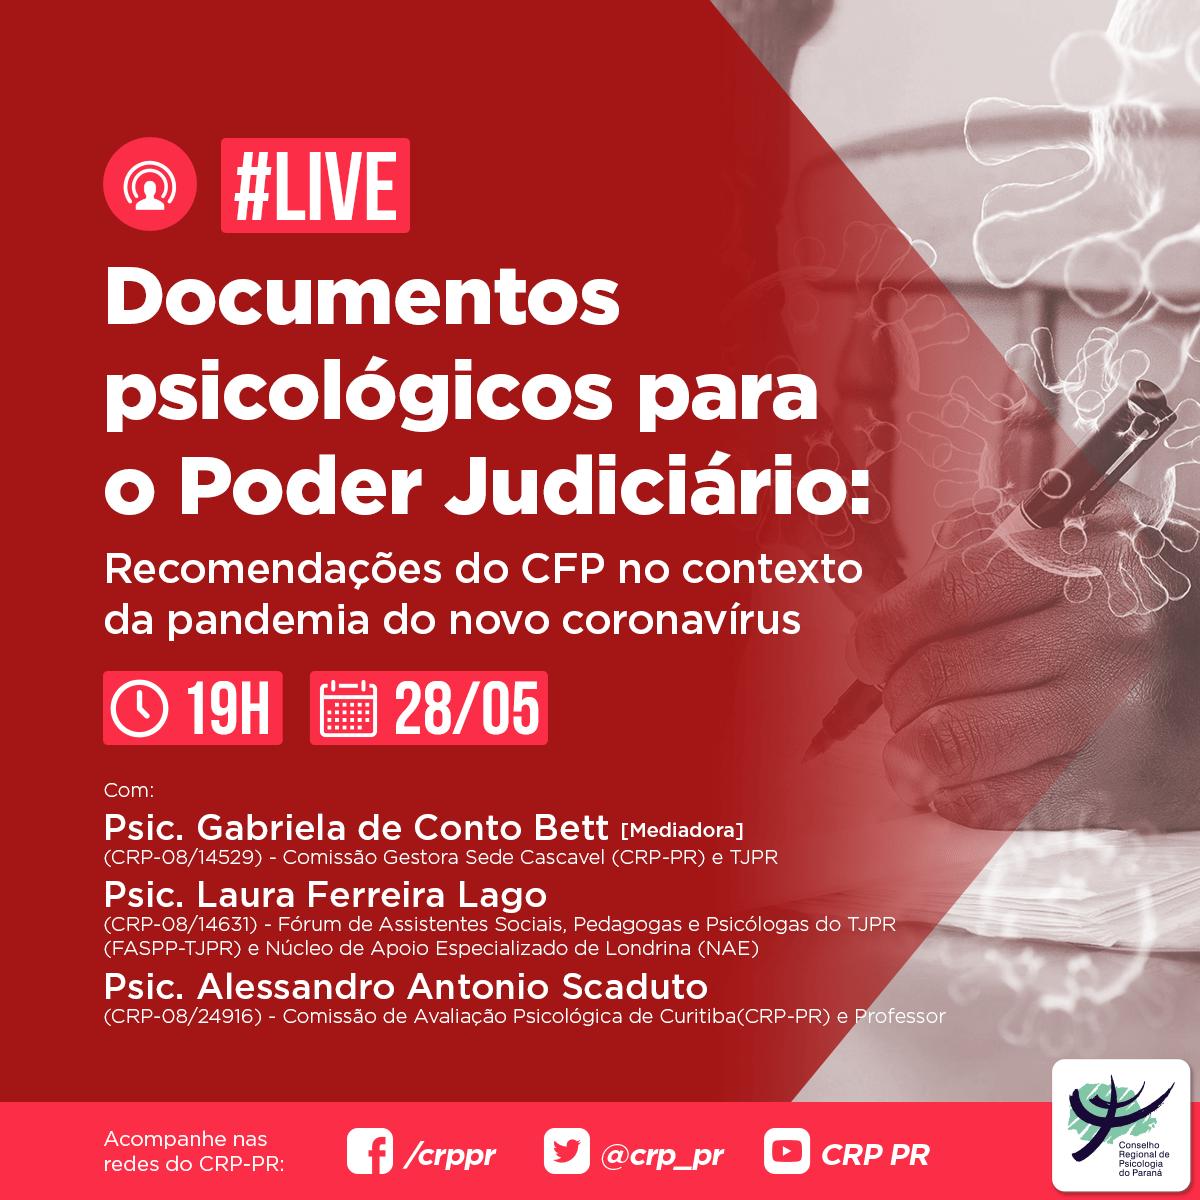 Live – Elaboração de documentos psicológicos para o Poder Judiciário, com base nas Recomendações do CFP para o contexto da pandemia do novo coronavírus